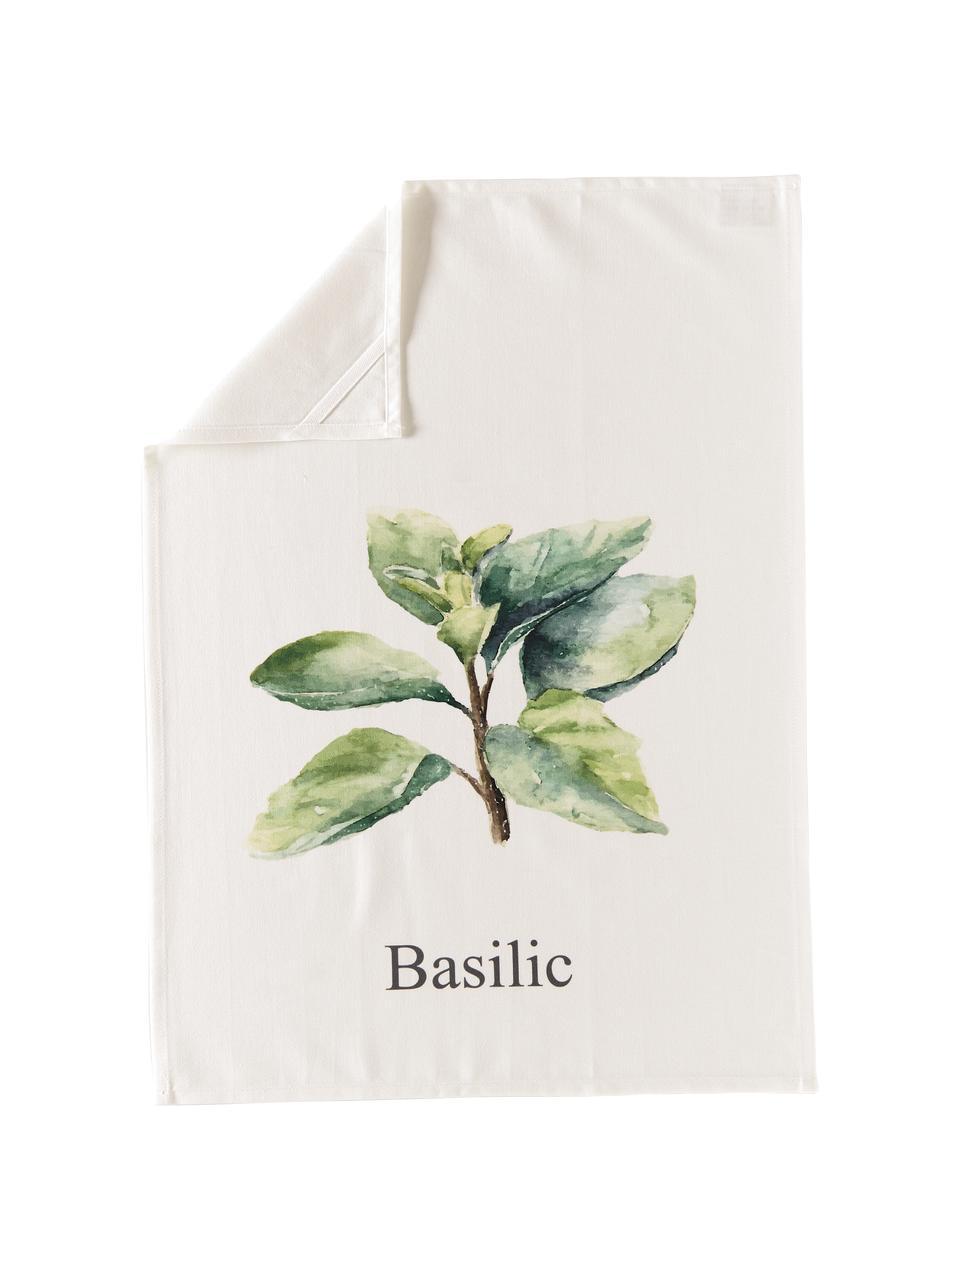 Baumwoll-Geschirrtücher-Set Aroma mit Gewürz-Motiven, 5-tlg., Baumwolle, Gebrochenes Weiß, Grüntöne, 50 x 70 cm